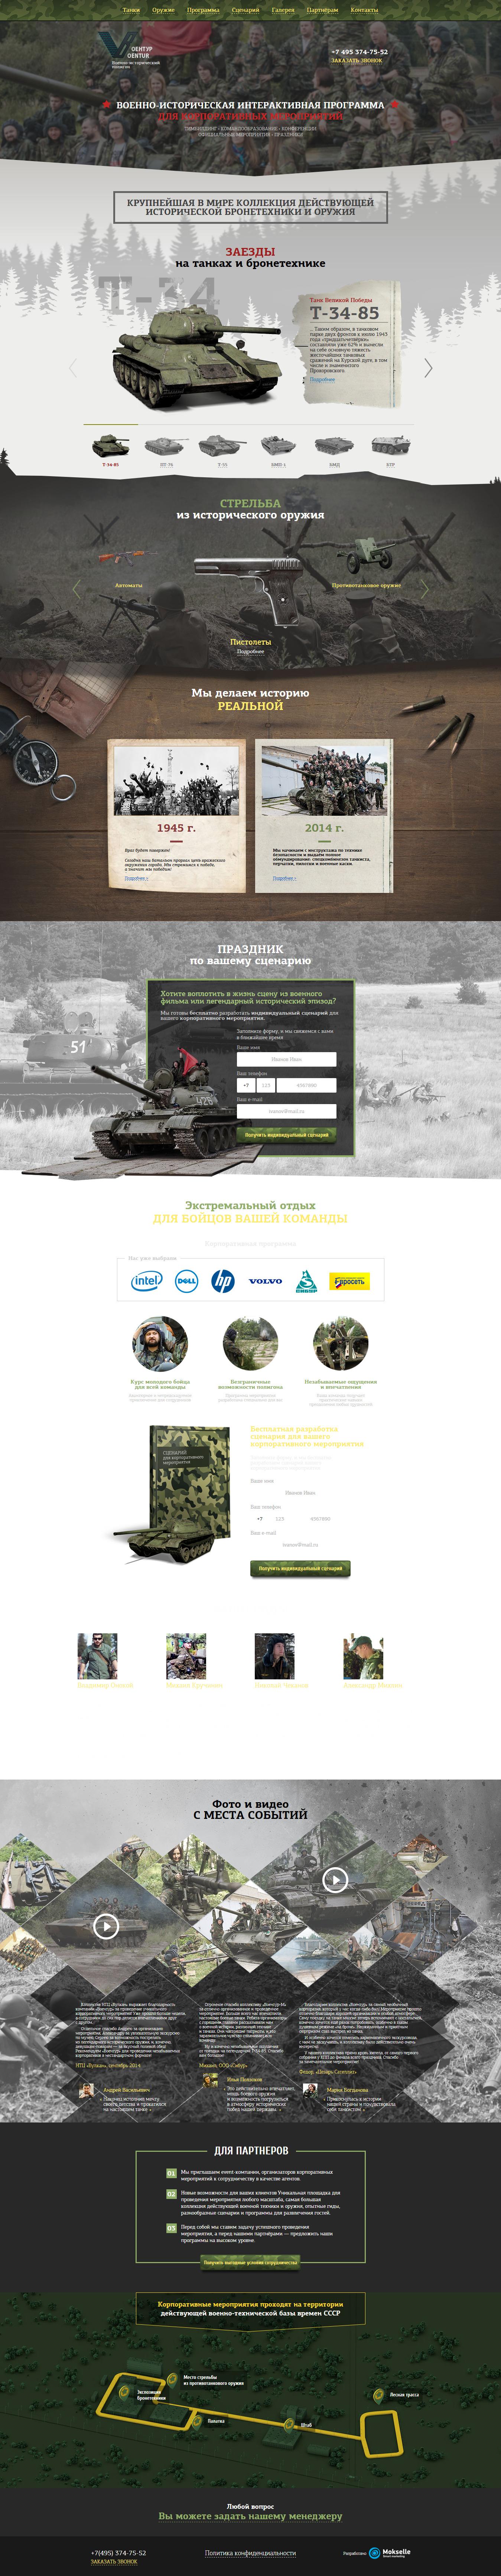 Шаблон лендинга: Военно-исторический полигон